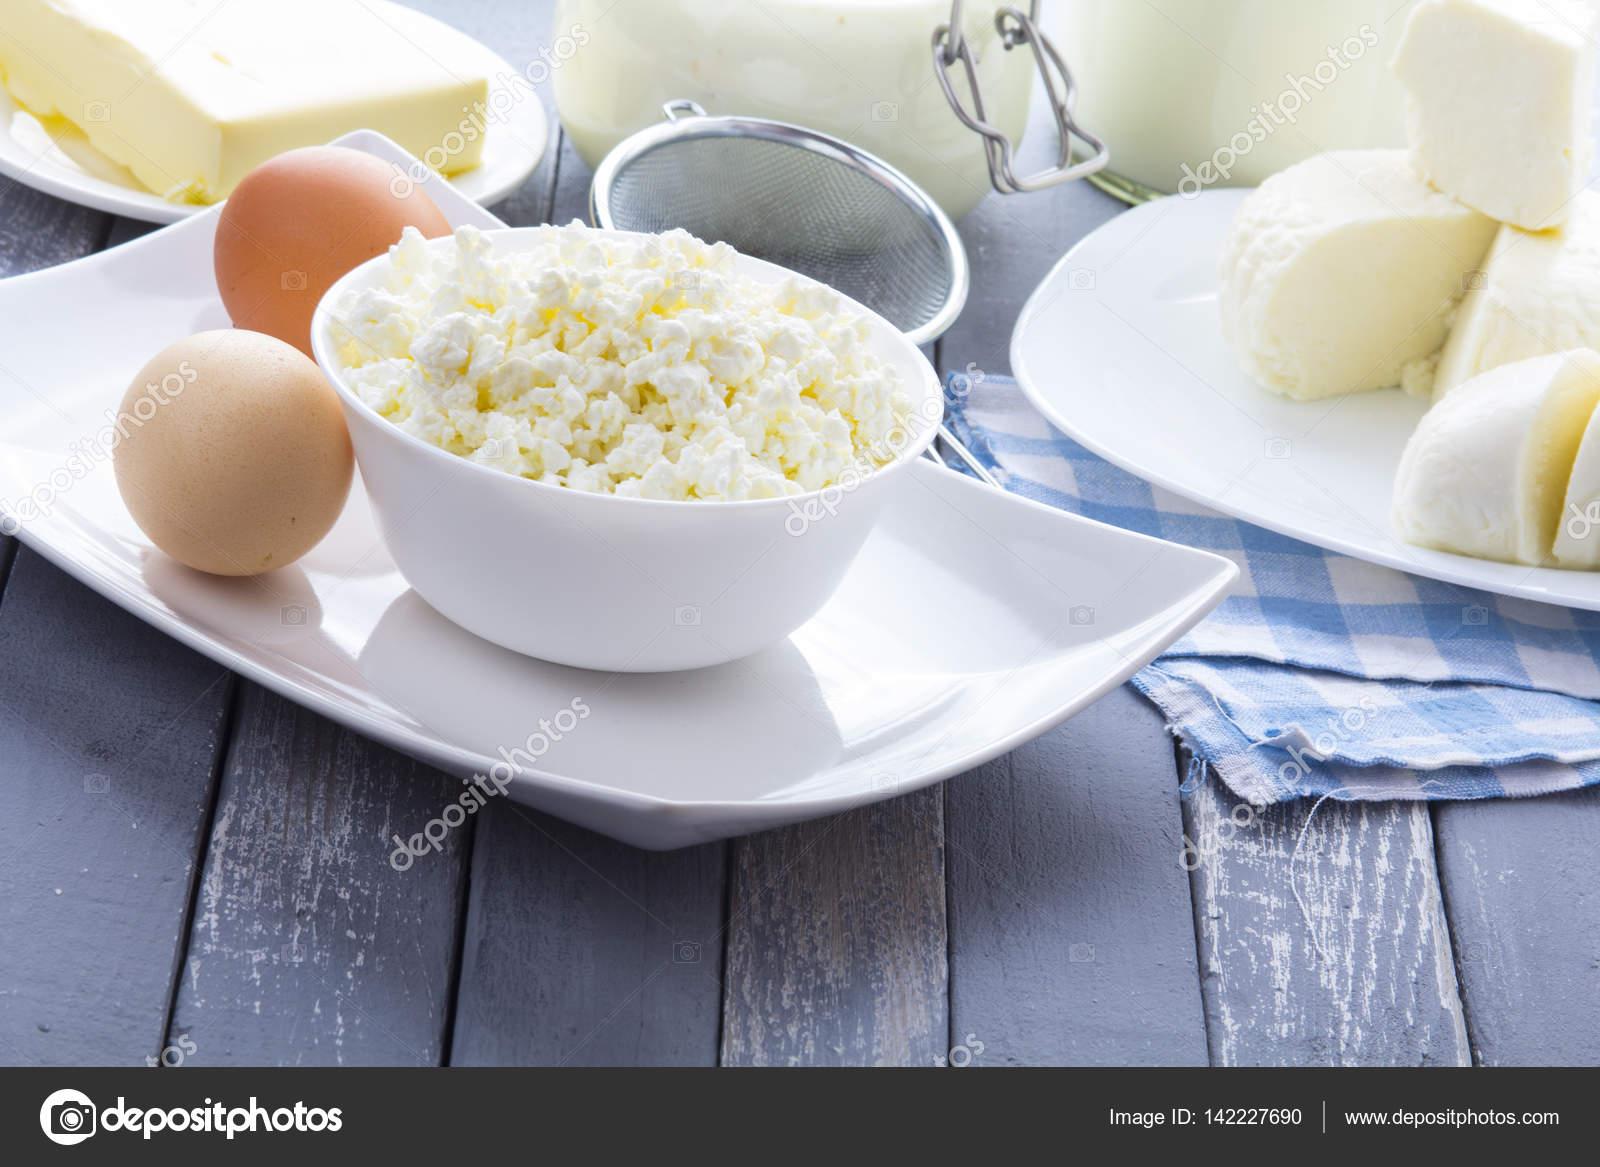 Γαλακτοκομικά προϊόντα πηγμένο γάλα για τυρί γάλα γιαούρτι φυσικά προϊόντα  ξύλου φόντο– εικόνα αρχείου 40197e22ba6